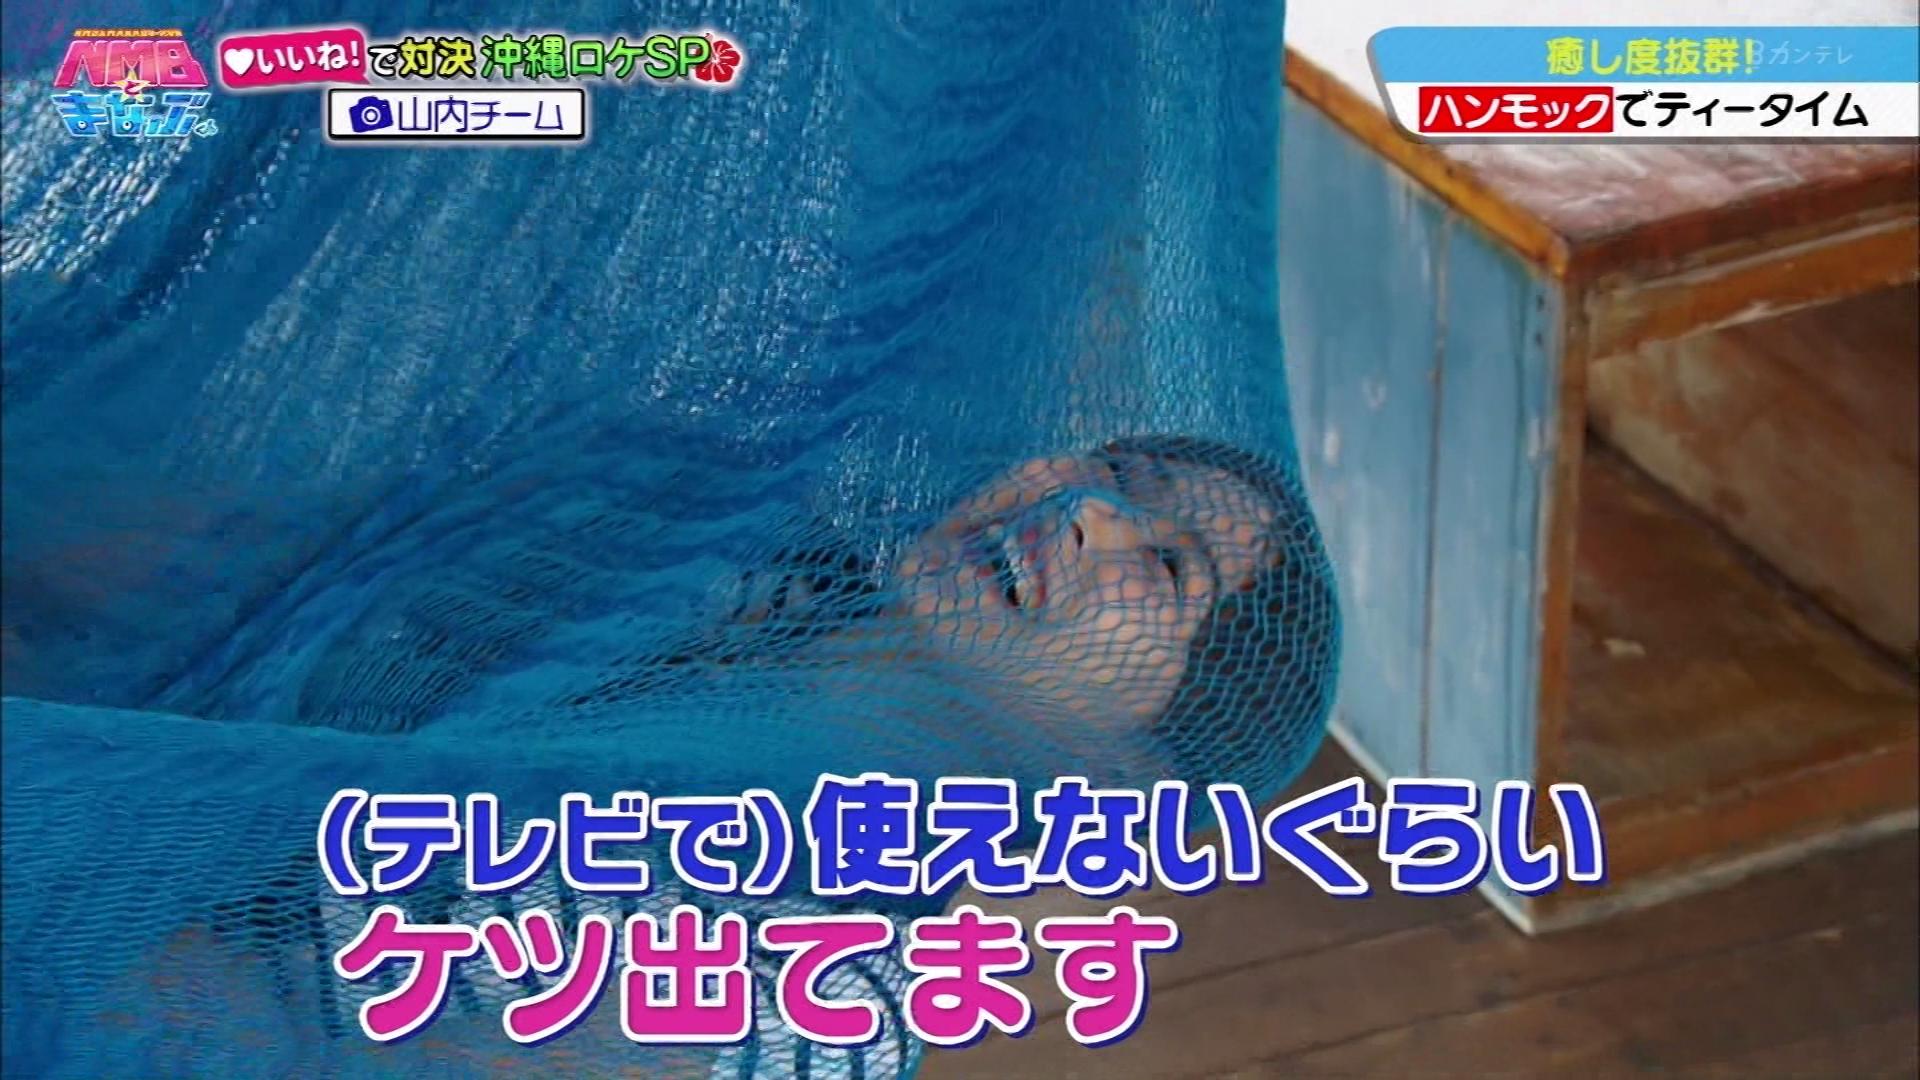 【NMB48】5/31放送 NMBとまなぶくん♯310の画像。沖縄課外授業SP3週目